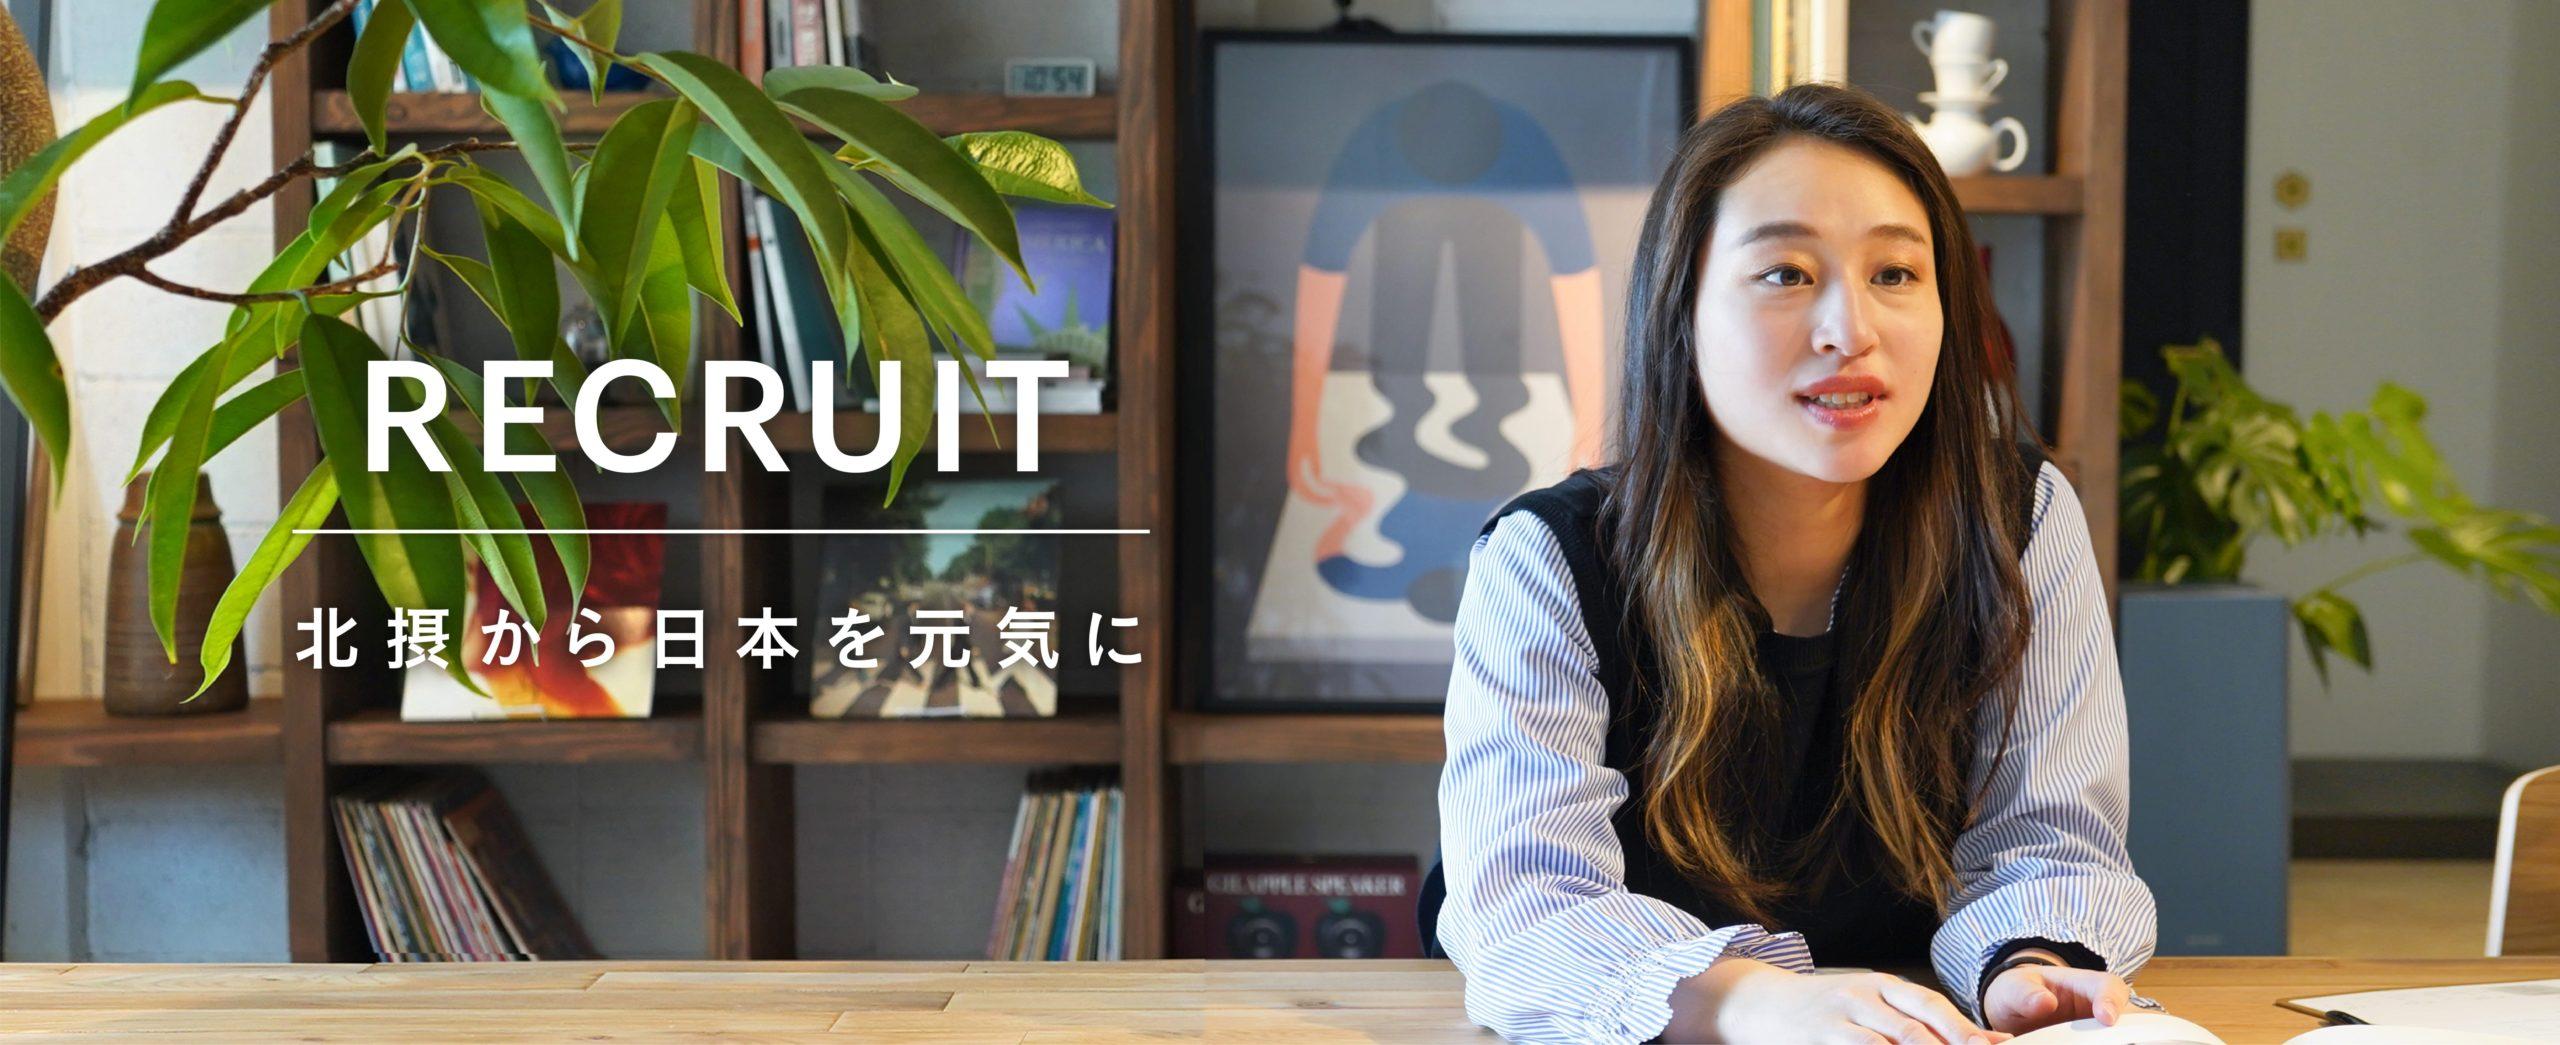 RECRUIT 北摂から日本を元気に